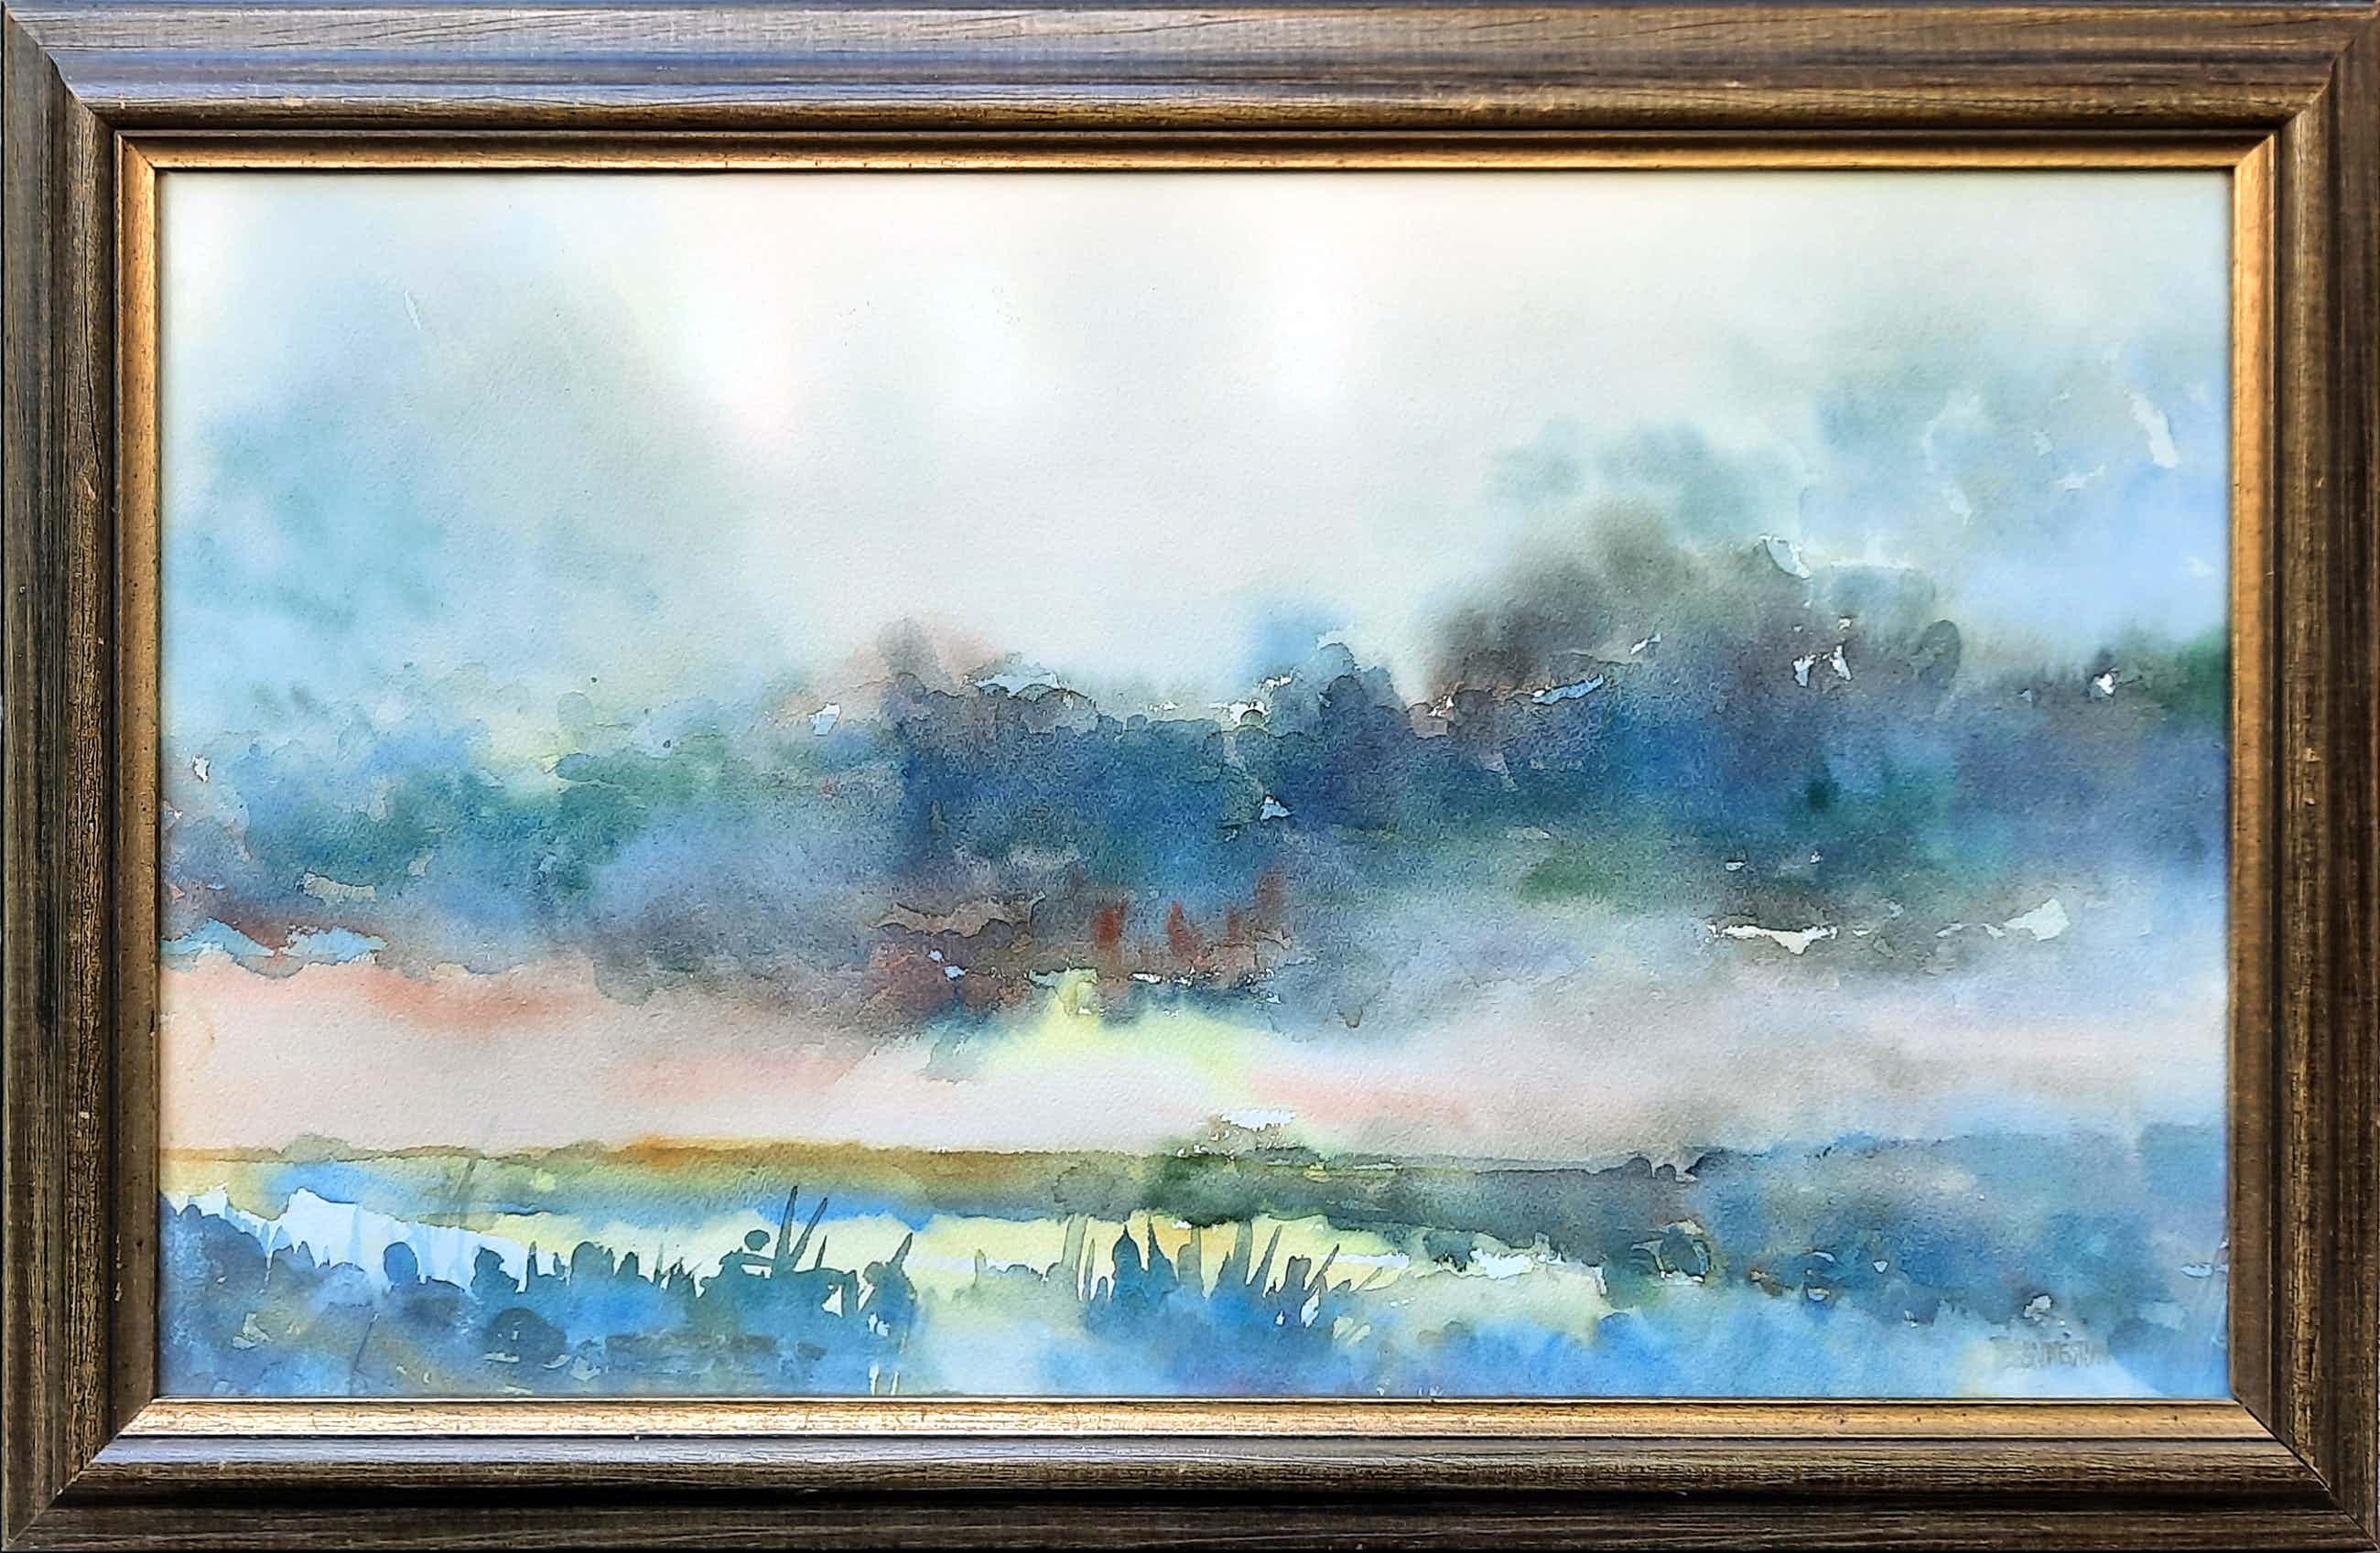 Theo Blankestijn - aquarel - Noord-Hollandse polder - 21036 kopen? Bied vanaf 85!